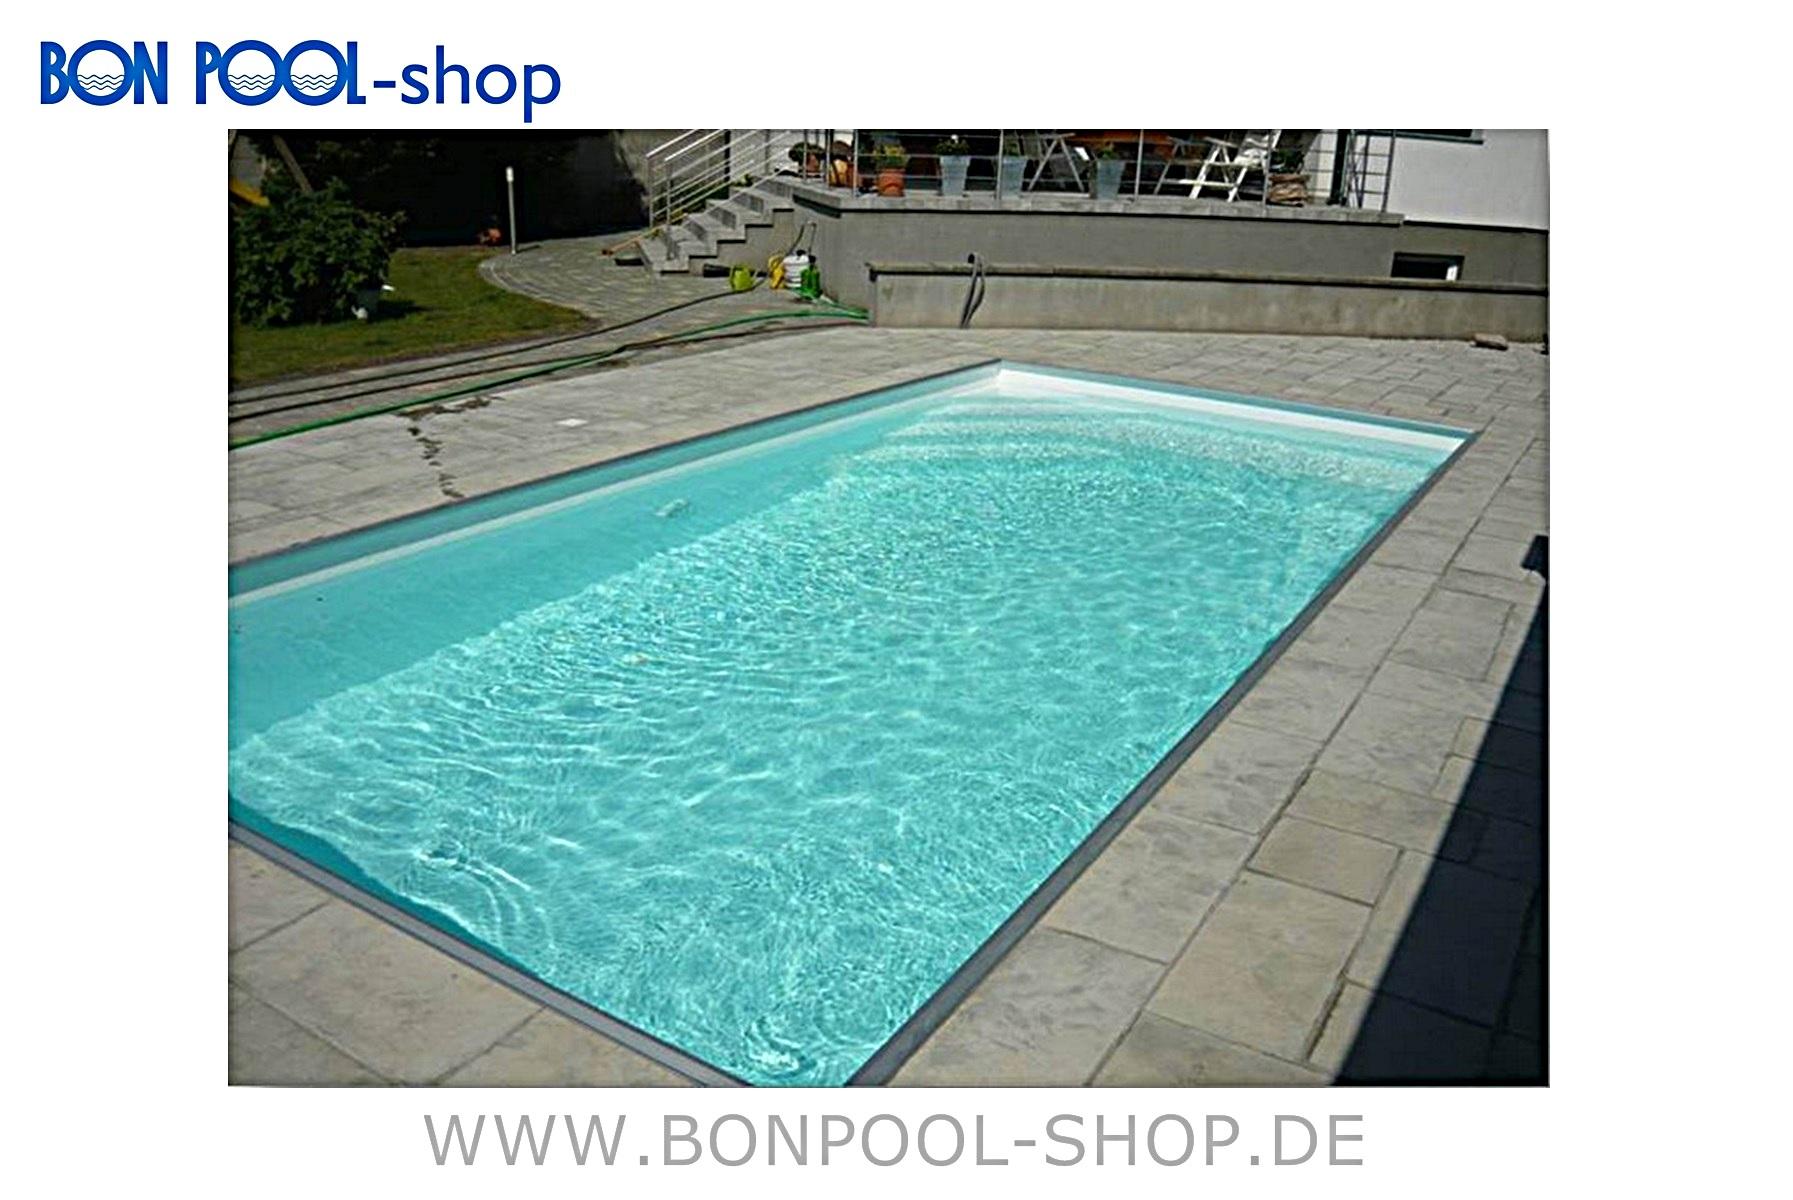 Pp kunststoff rechteckbecken 6 5x3 5x1 5m bon pool - Pool polypropylen ...